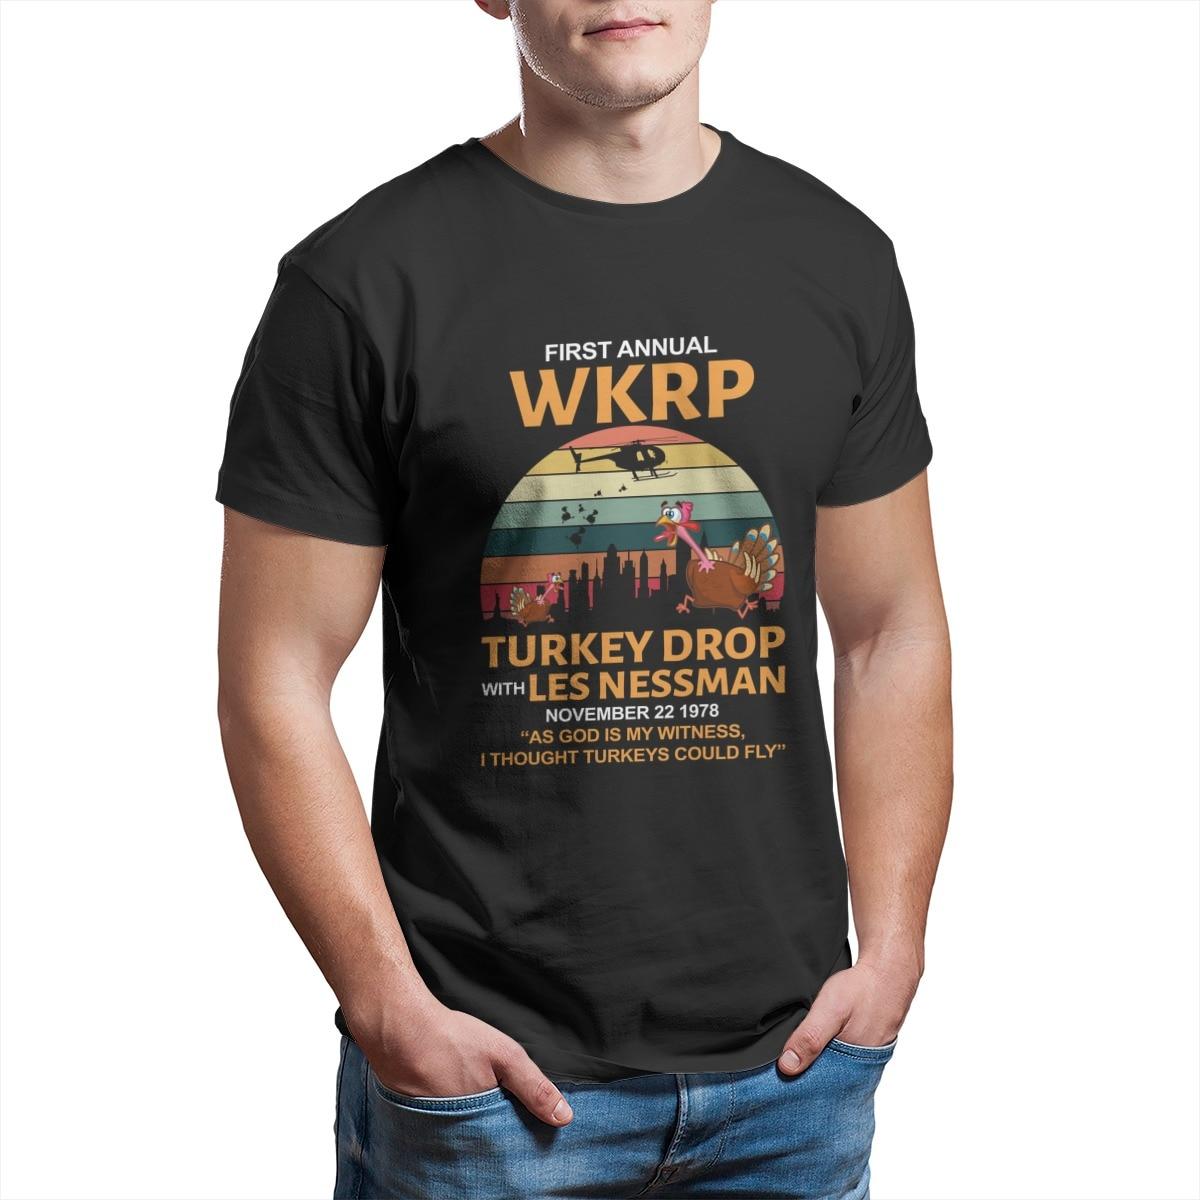 Primeira queda de peru anual wkrp com menos messman moda casais engraçados combinando camisetas gráficas bonitos mais roupas tamanho 6386